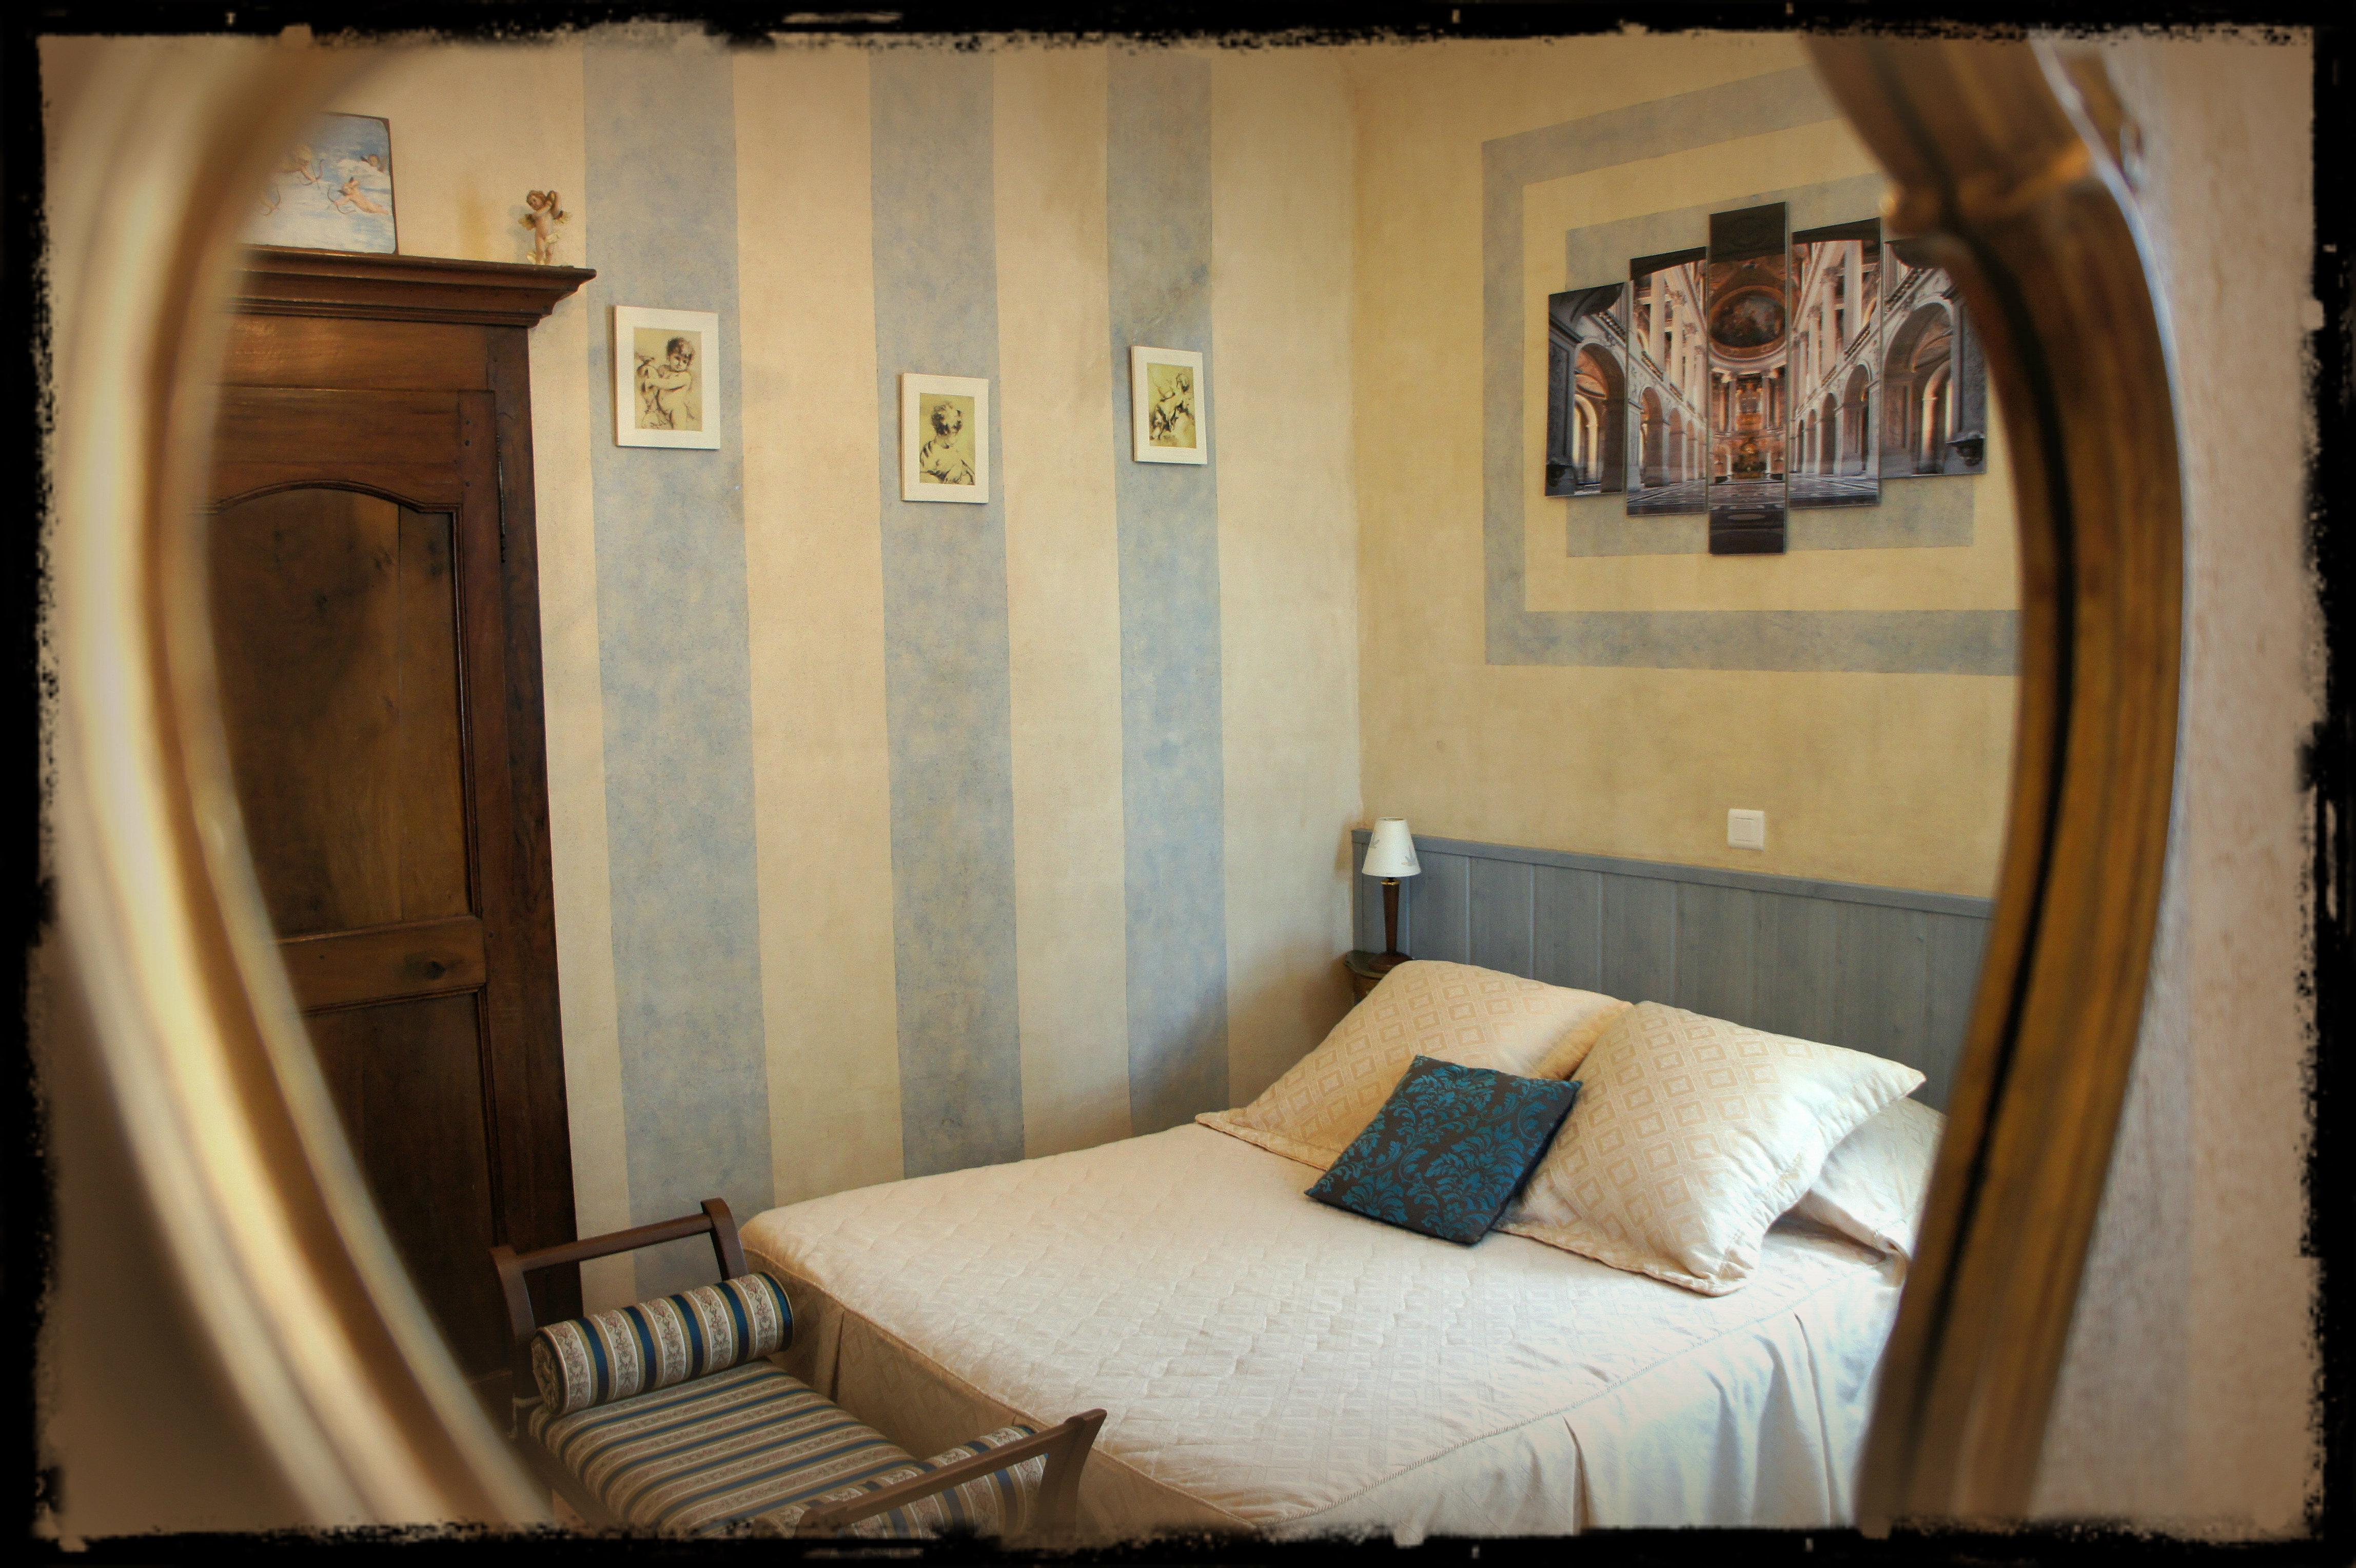 manoir du raveyron hotel chambres d h´tes vallon pont d arc